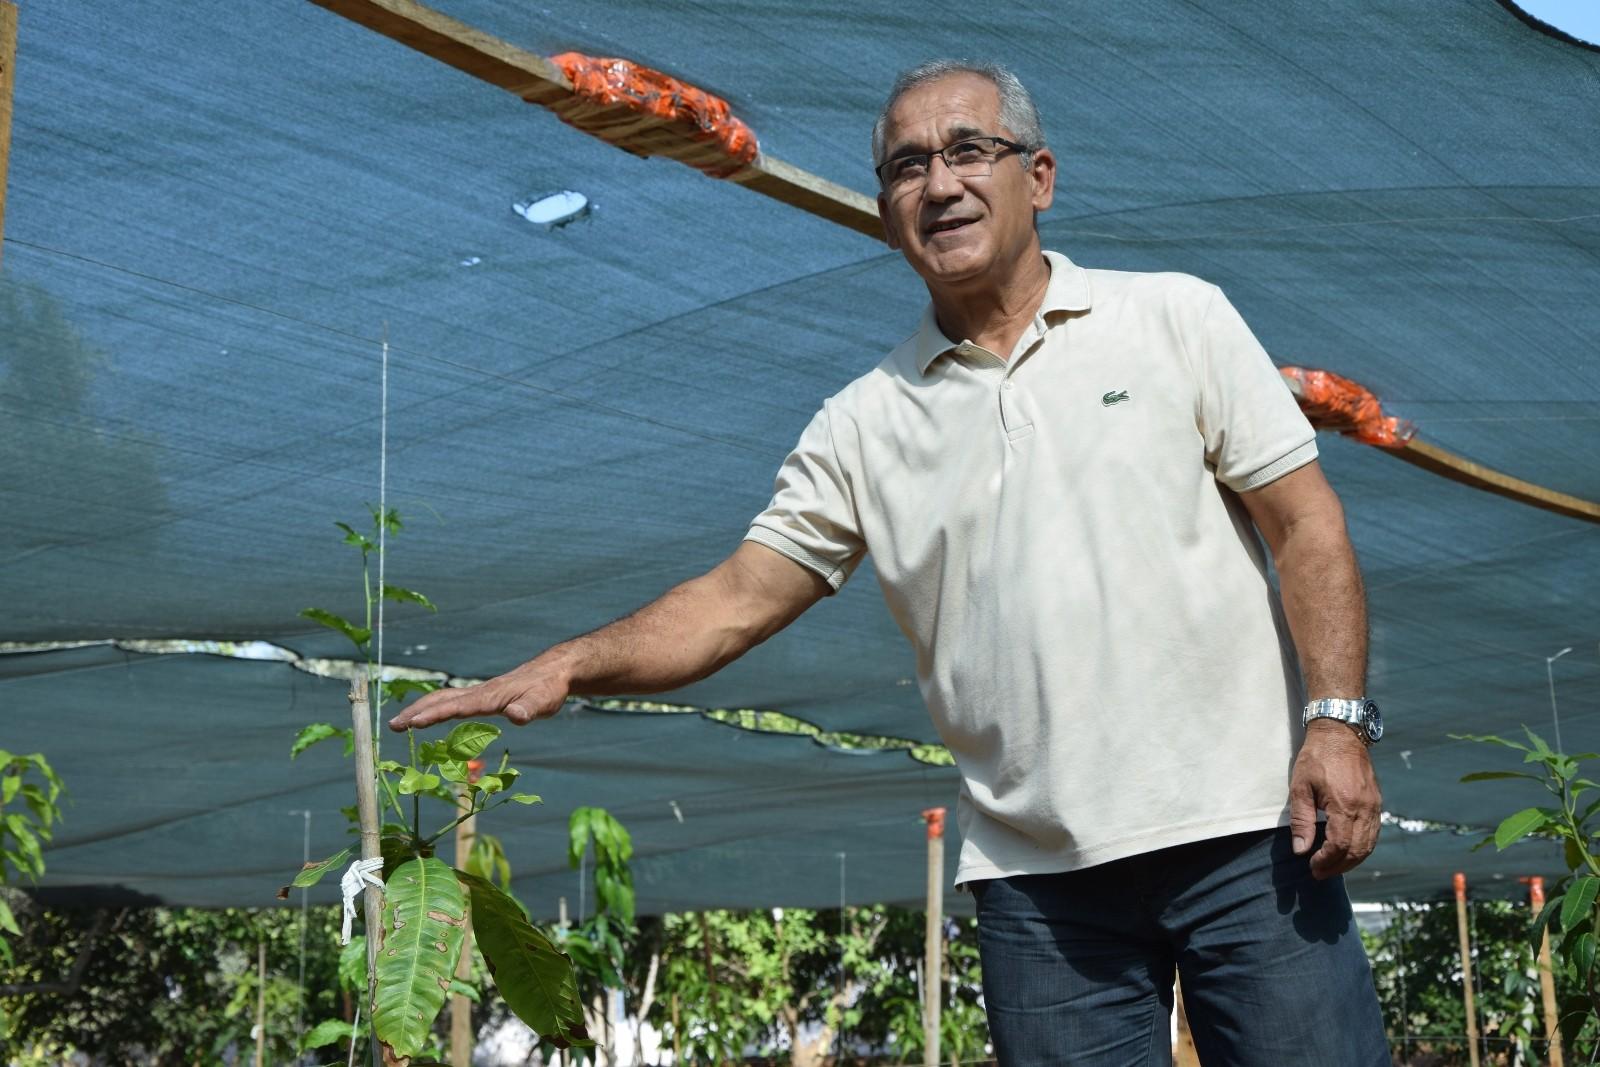 Emekli okul müdürü  hobi olarak başladığı bahçesinde tropikal meyve yetiştiriyor